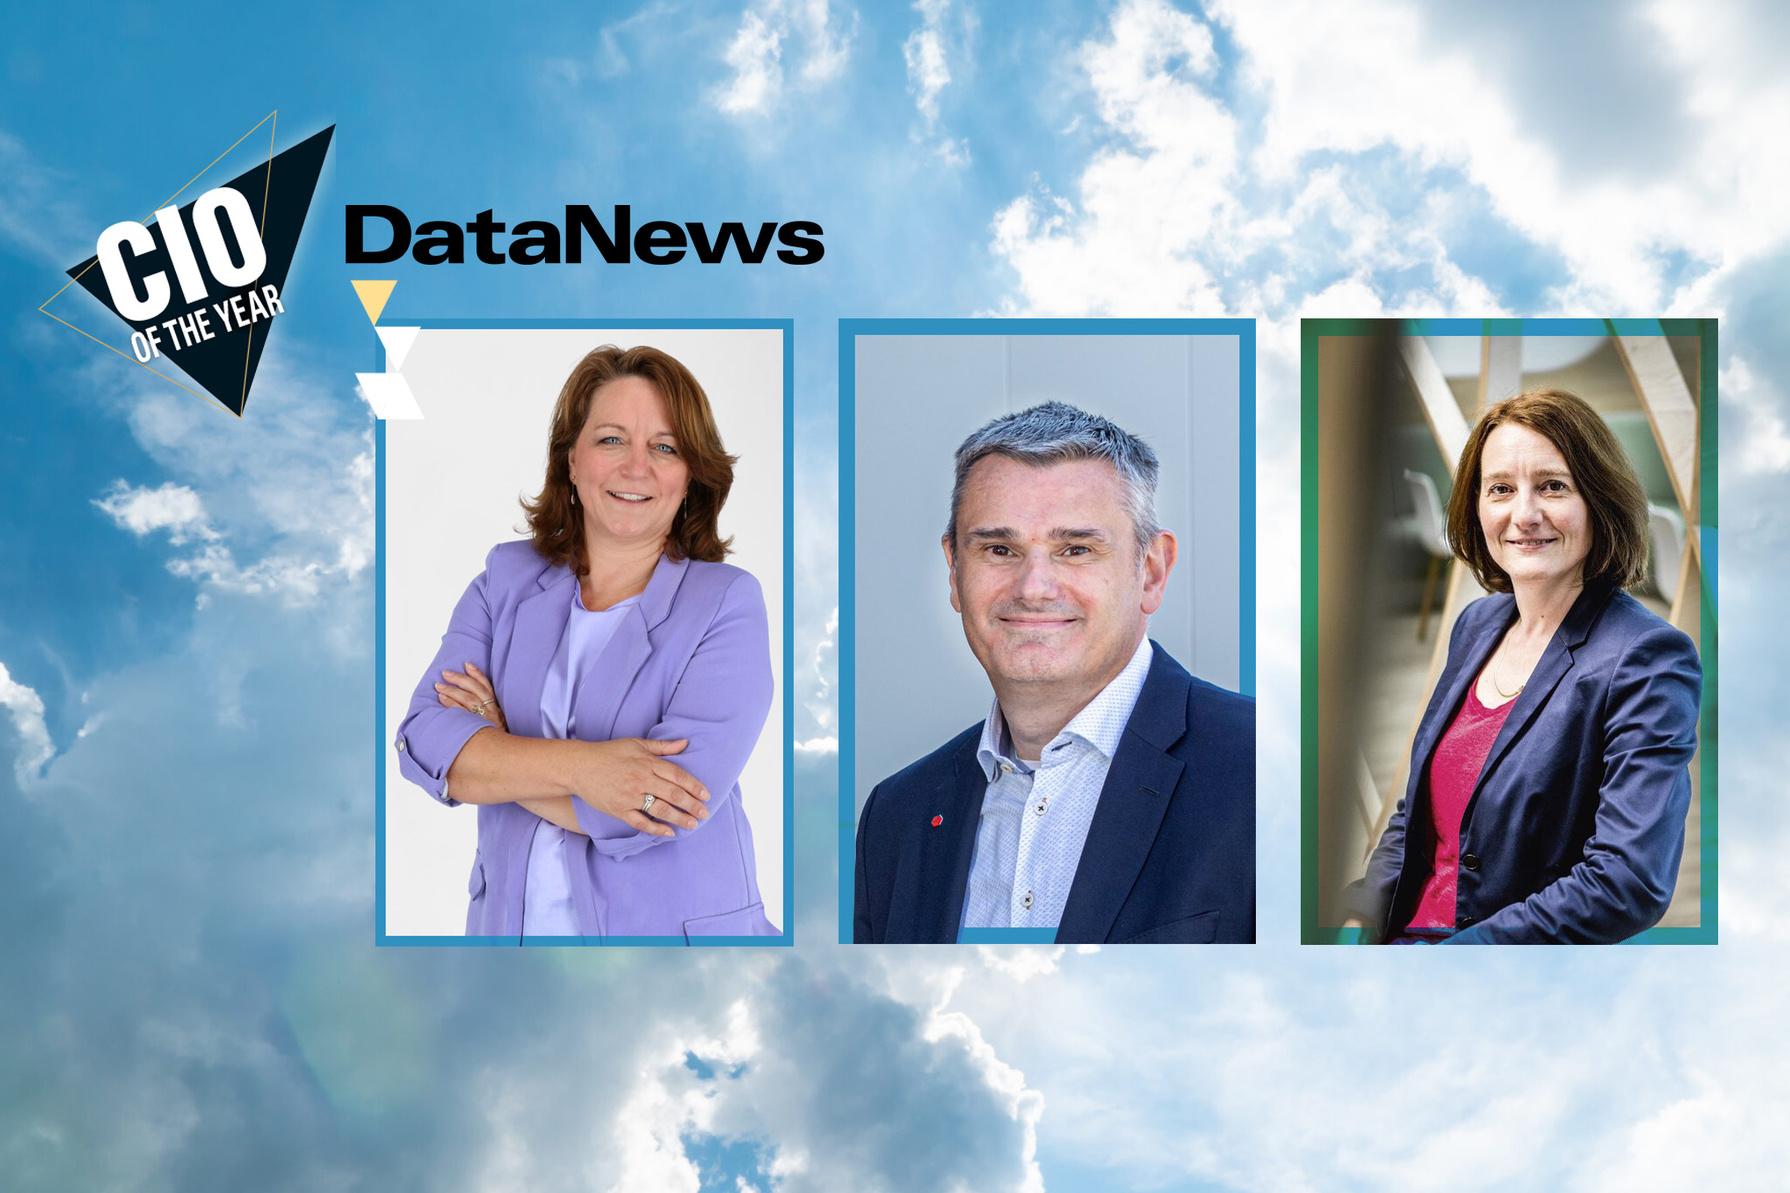 Les nominés au titre de CIO of the Year 2021 (de gauche à droite): Elke Laeremans (CIO/COO chez Torfs), Wim Nagels (CIO chez DPD) et Sophie Marchal (CIO chez AXA)., www.datanewscio.be